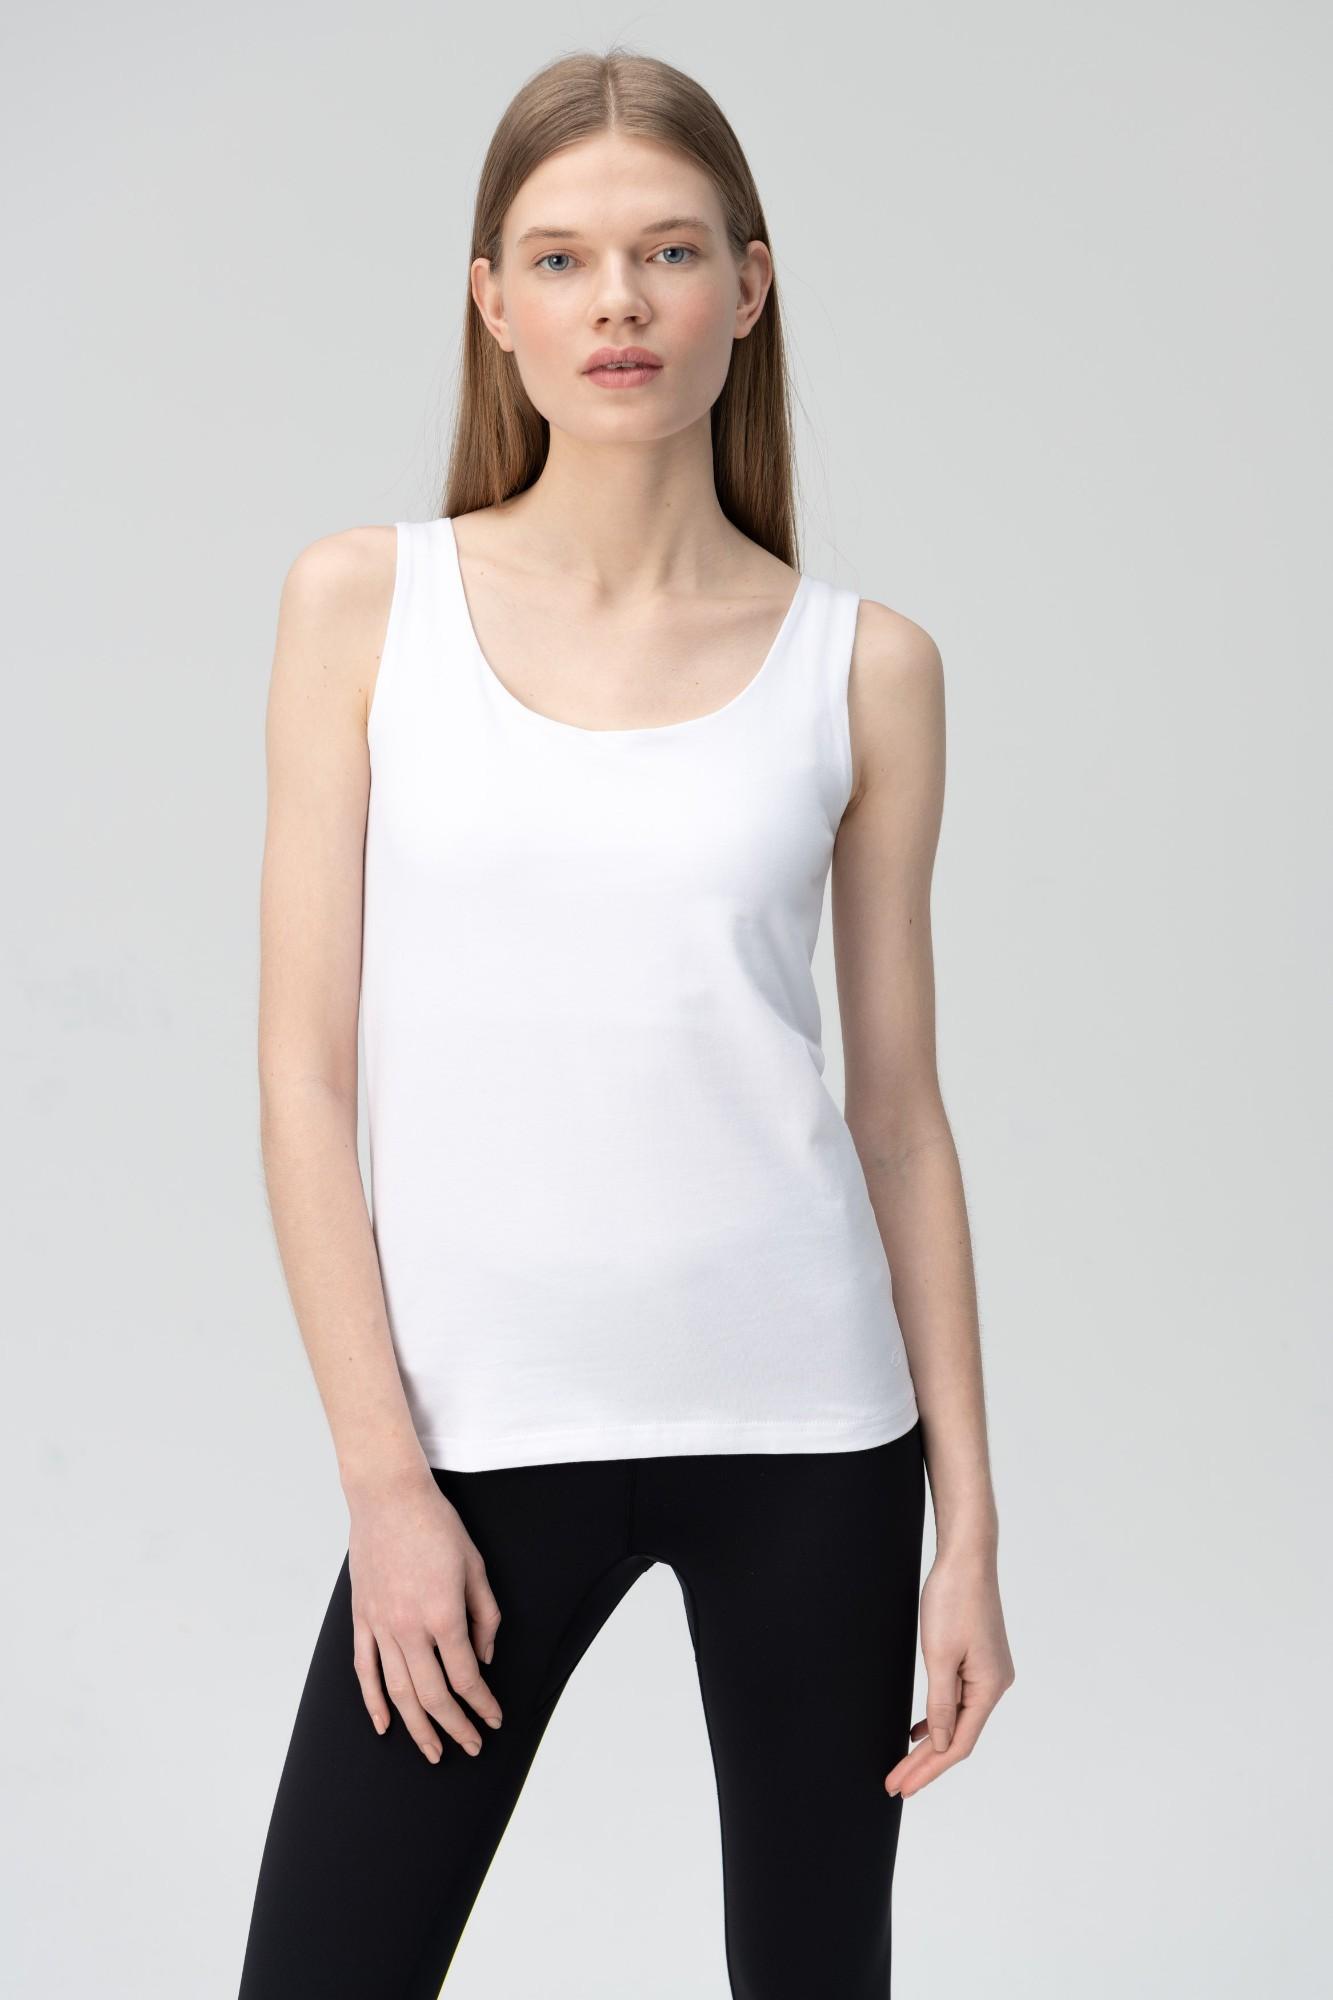 AUDIMAS Medvilniniai berankoviai marškin. 2011-079 White L